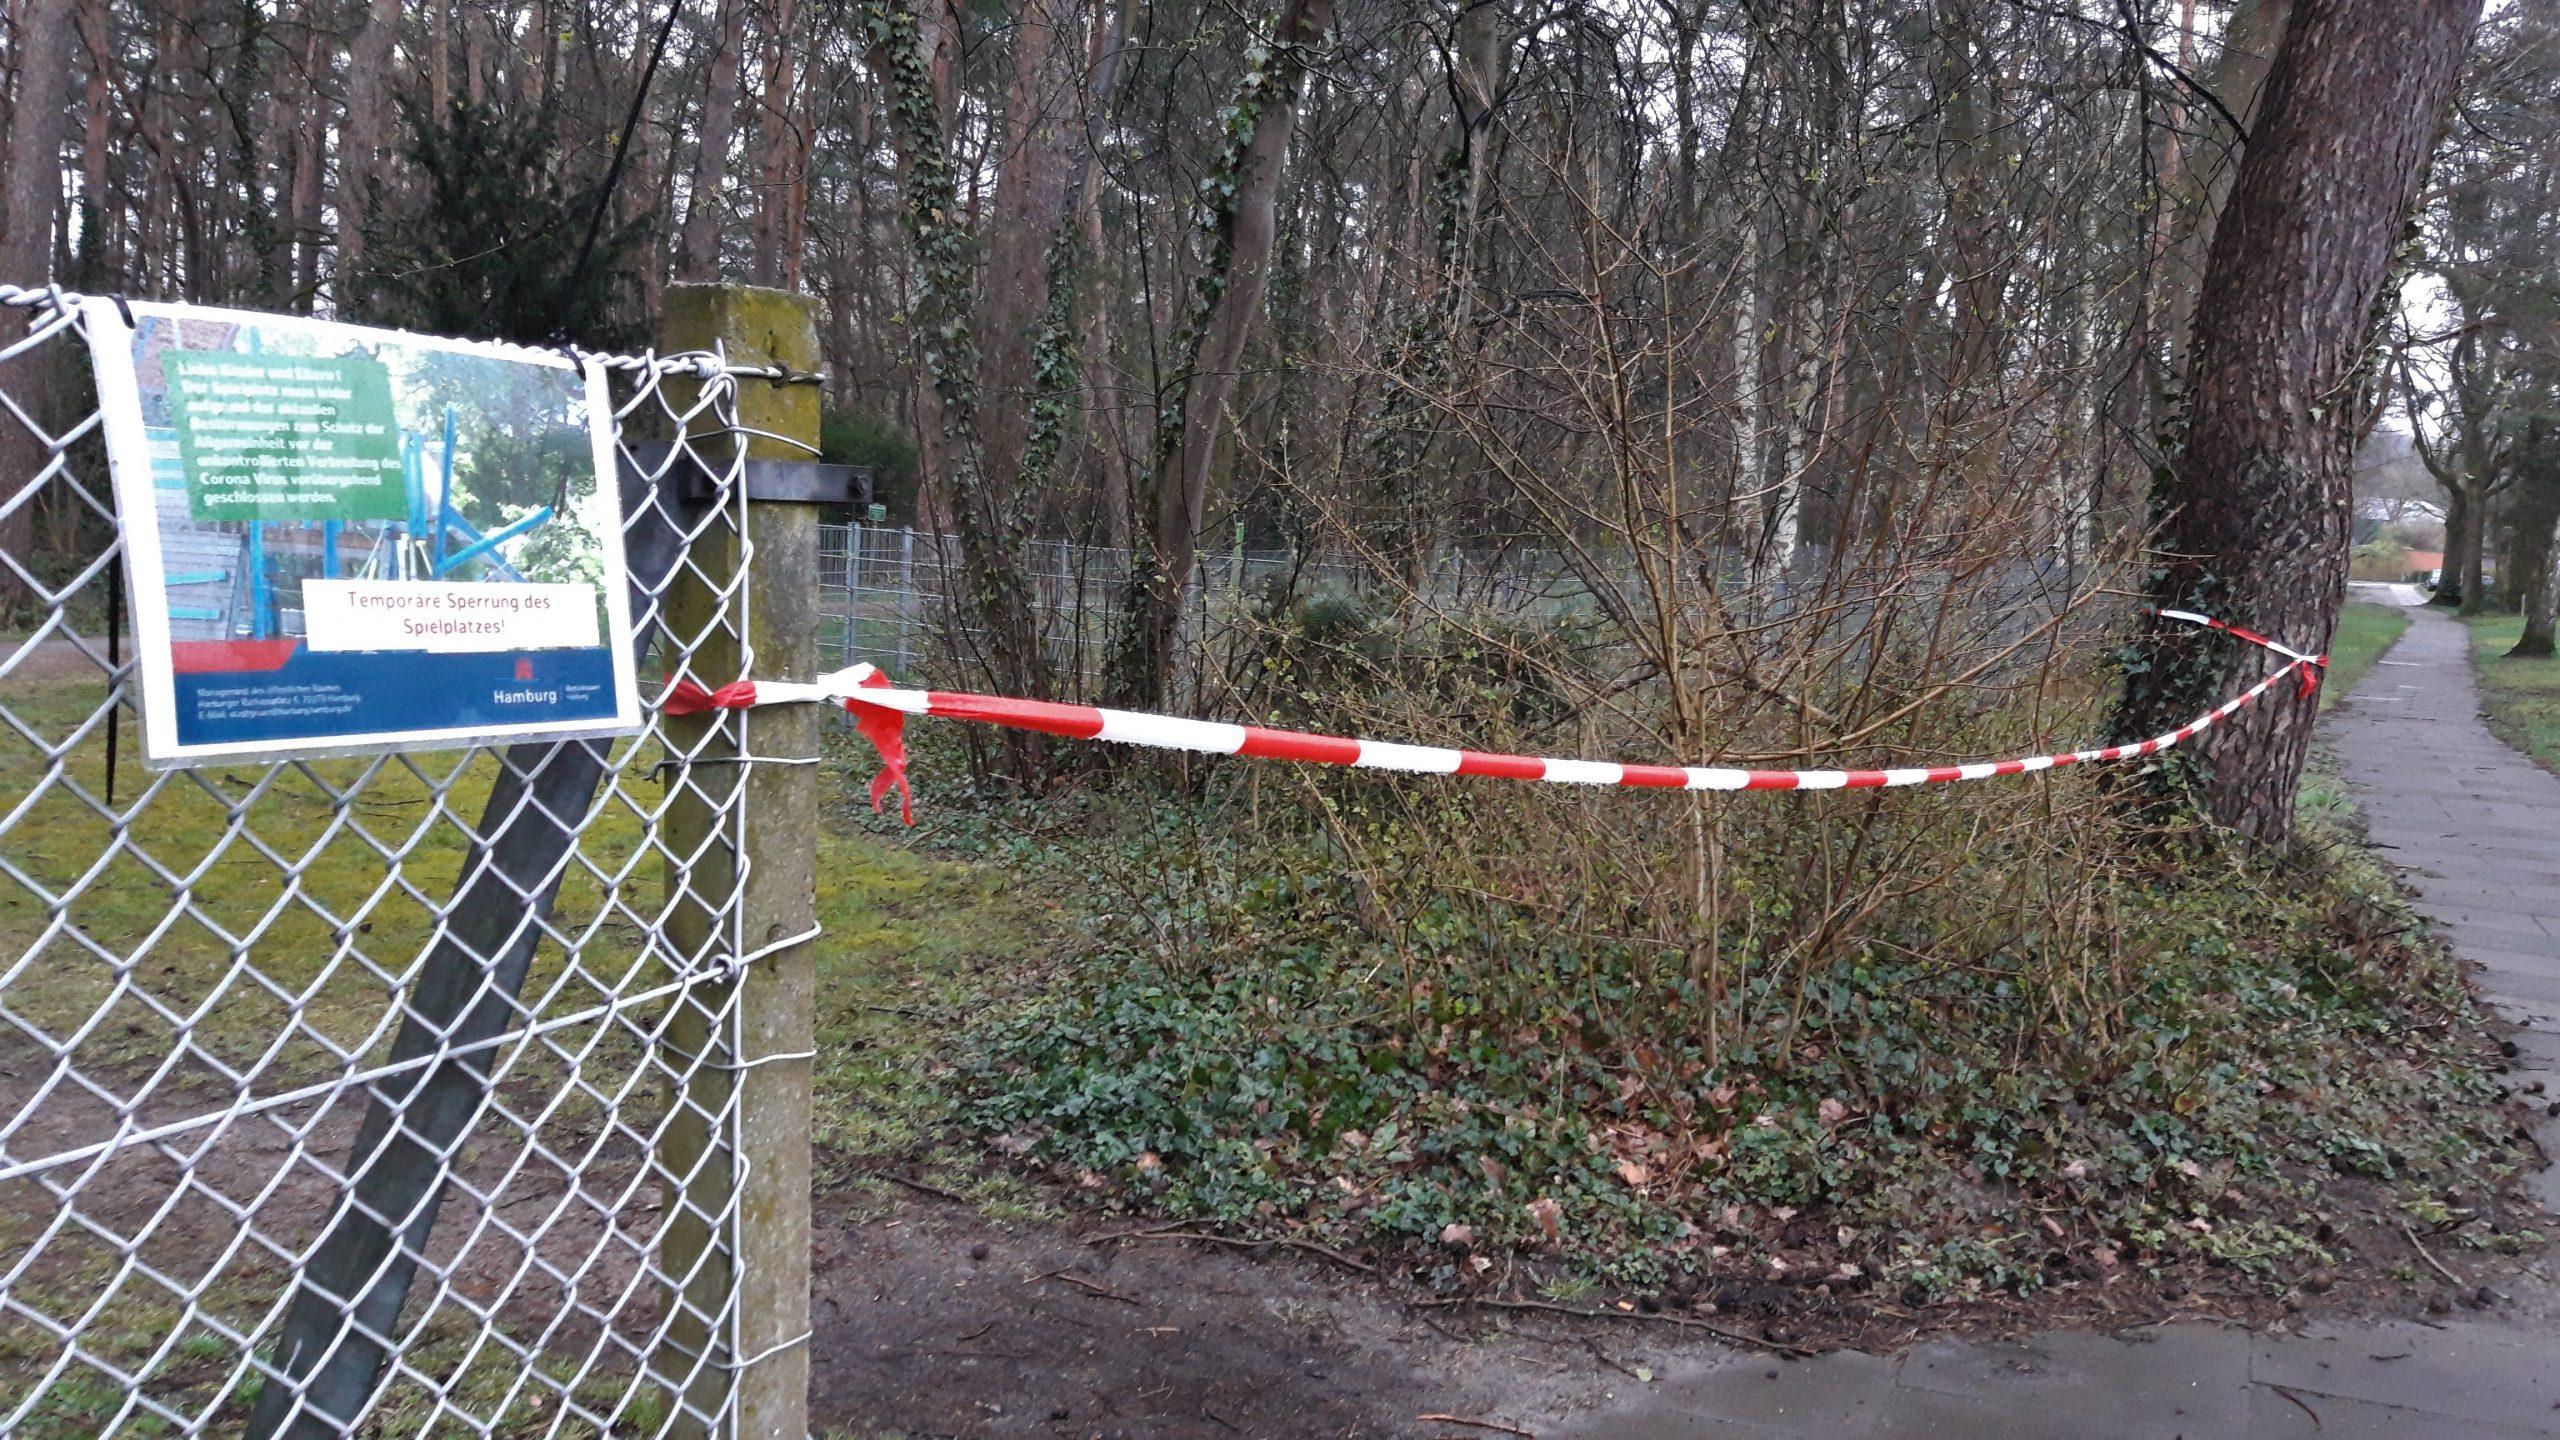 W. Marsand -Die Spielplätze im Bereich  der Mehrgenerationenfläche sind gesperrt